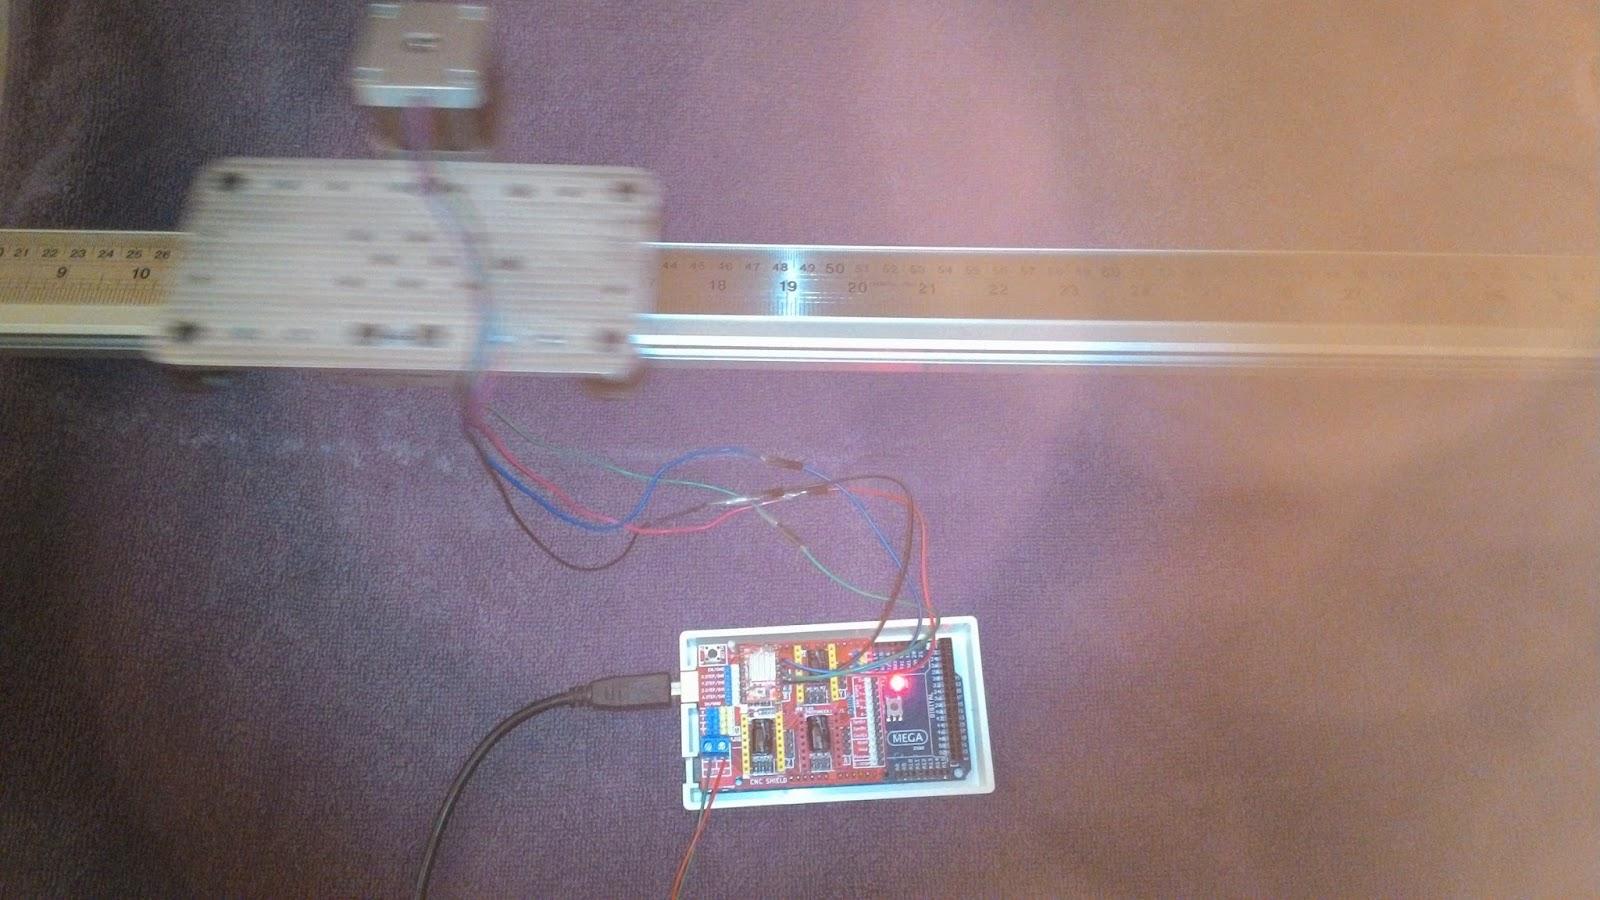 Cheaphousetek camera slider dolly makerslide for Stepper motor camera slider